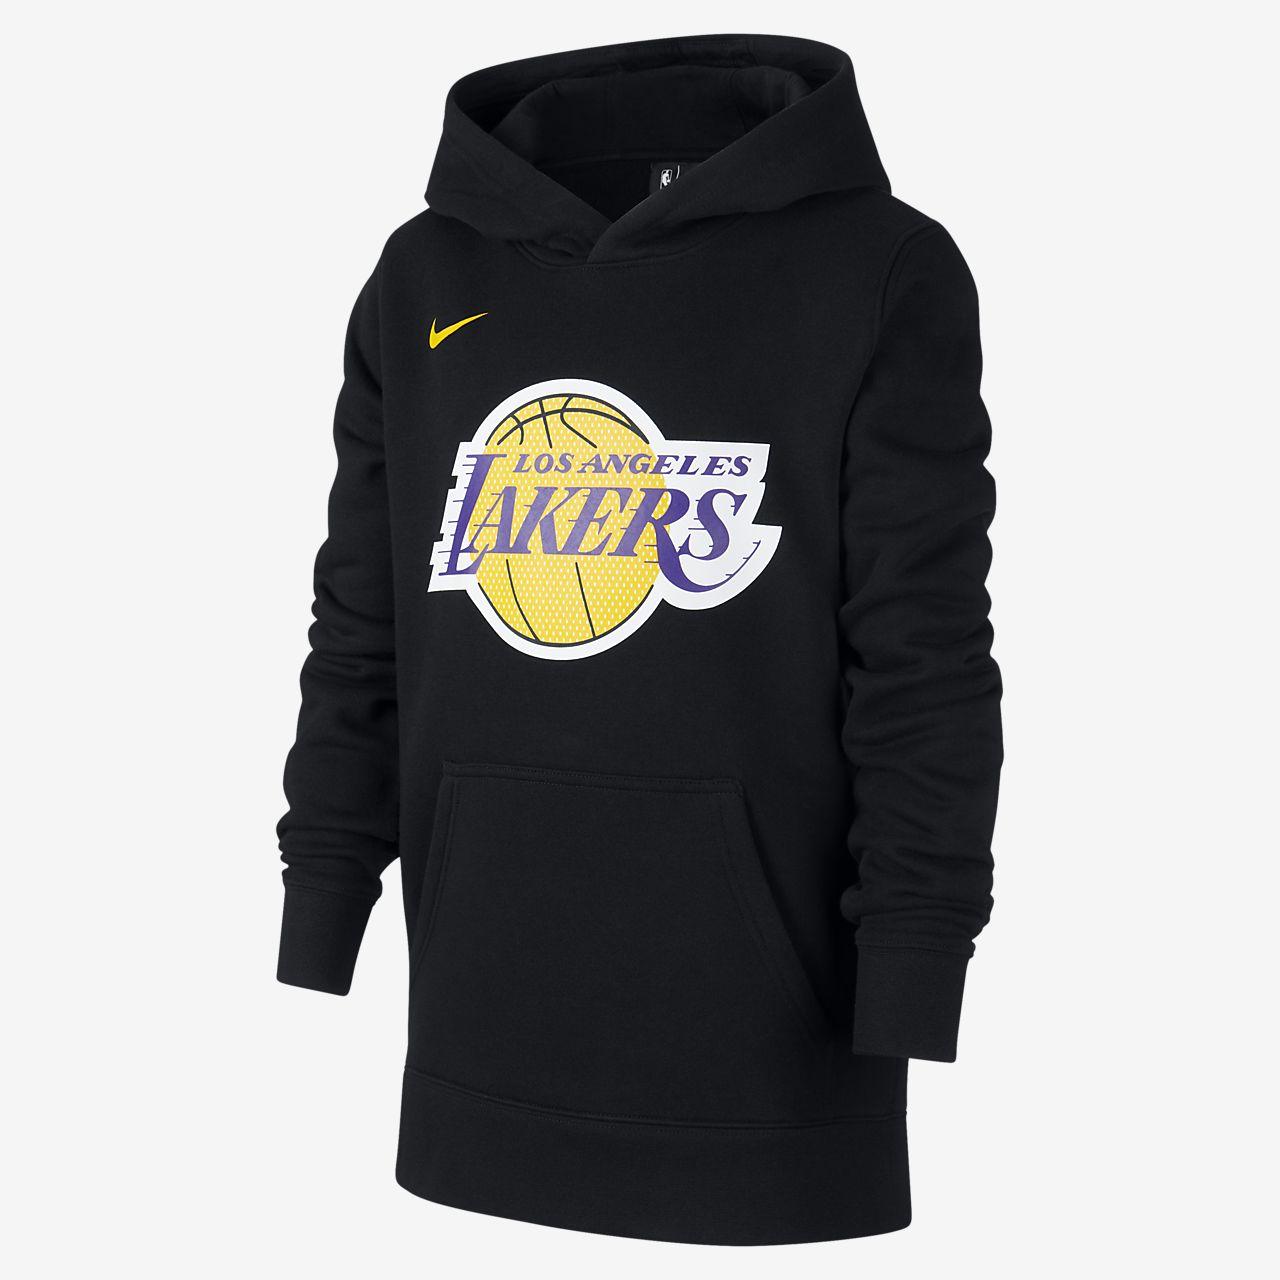 hoodie nike enfant